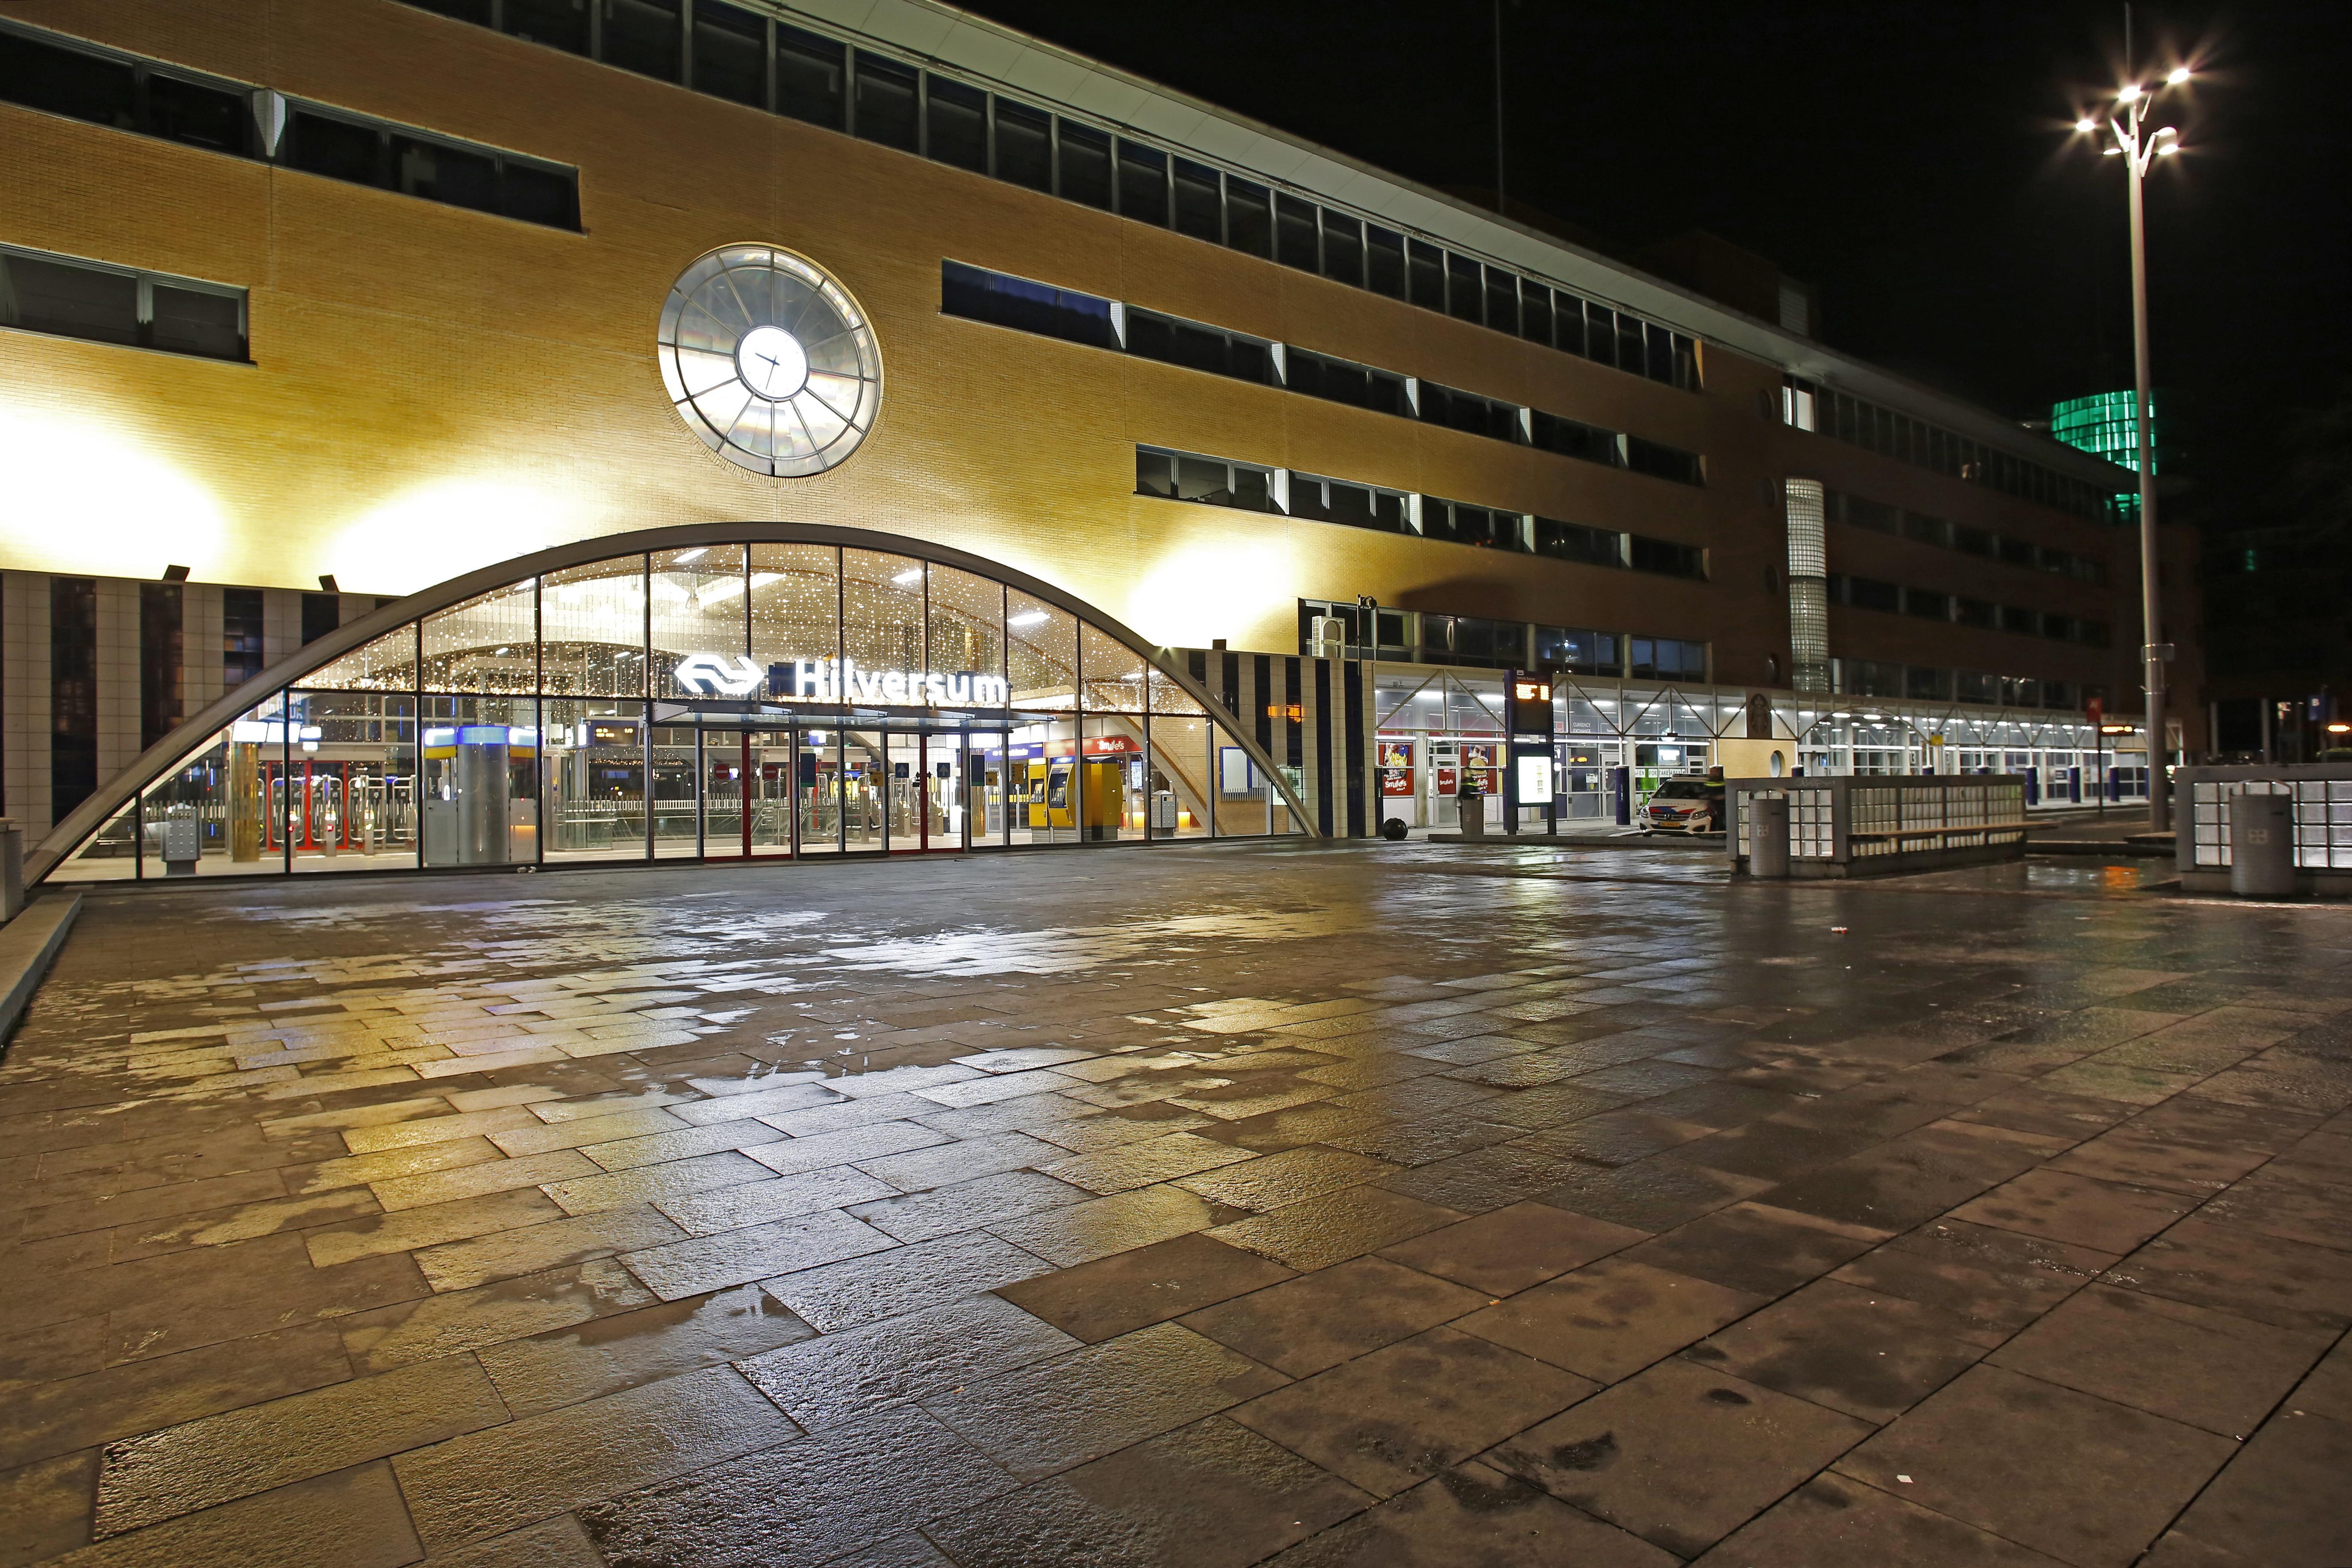 Avondklok goed nageleefd in Hilversum; uitgestorven straten en wie wel buiten was, had zijn papieren meestal op orde